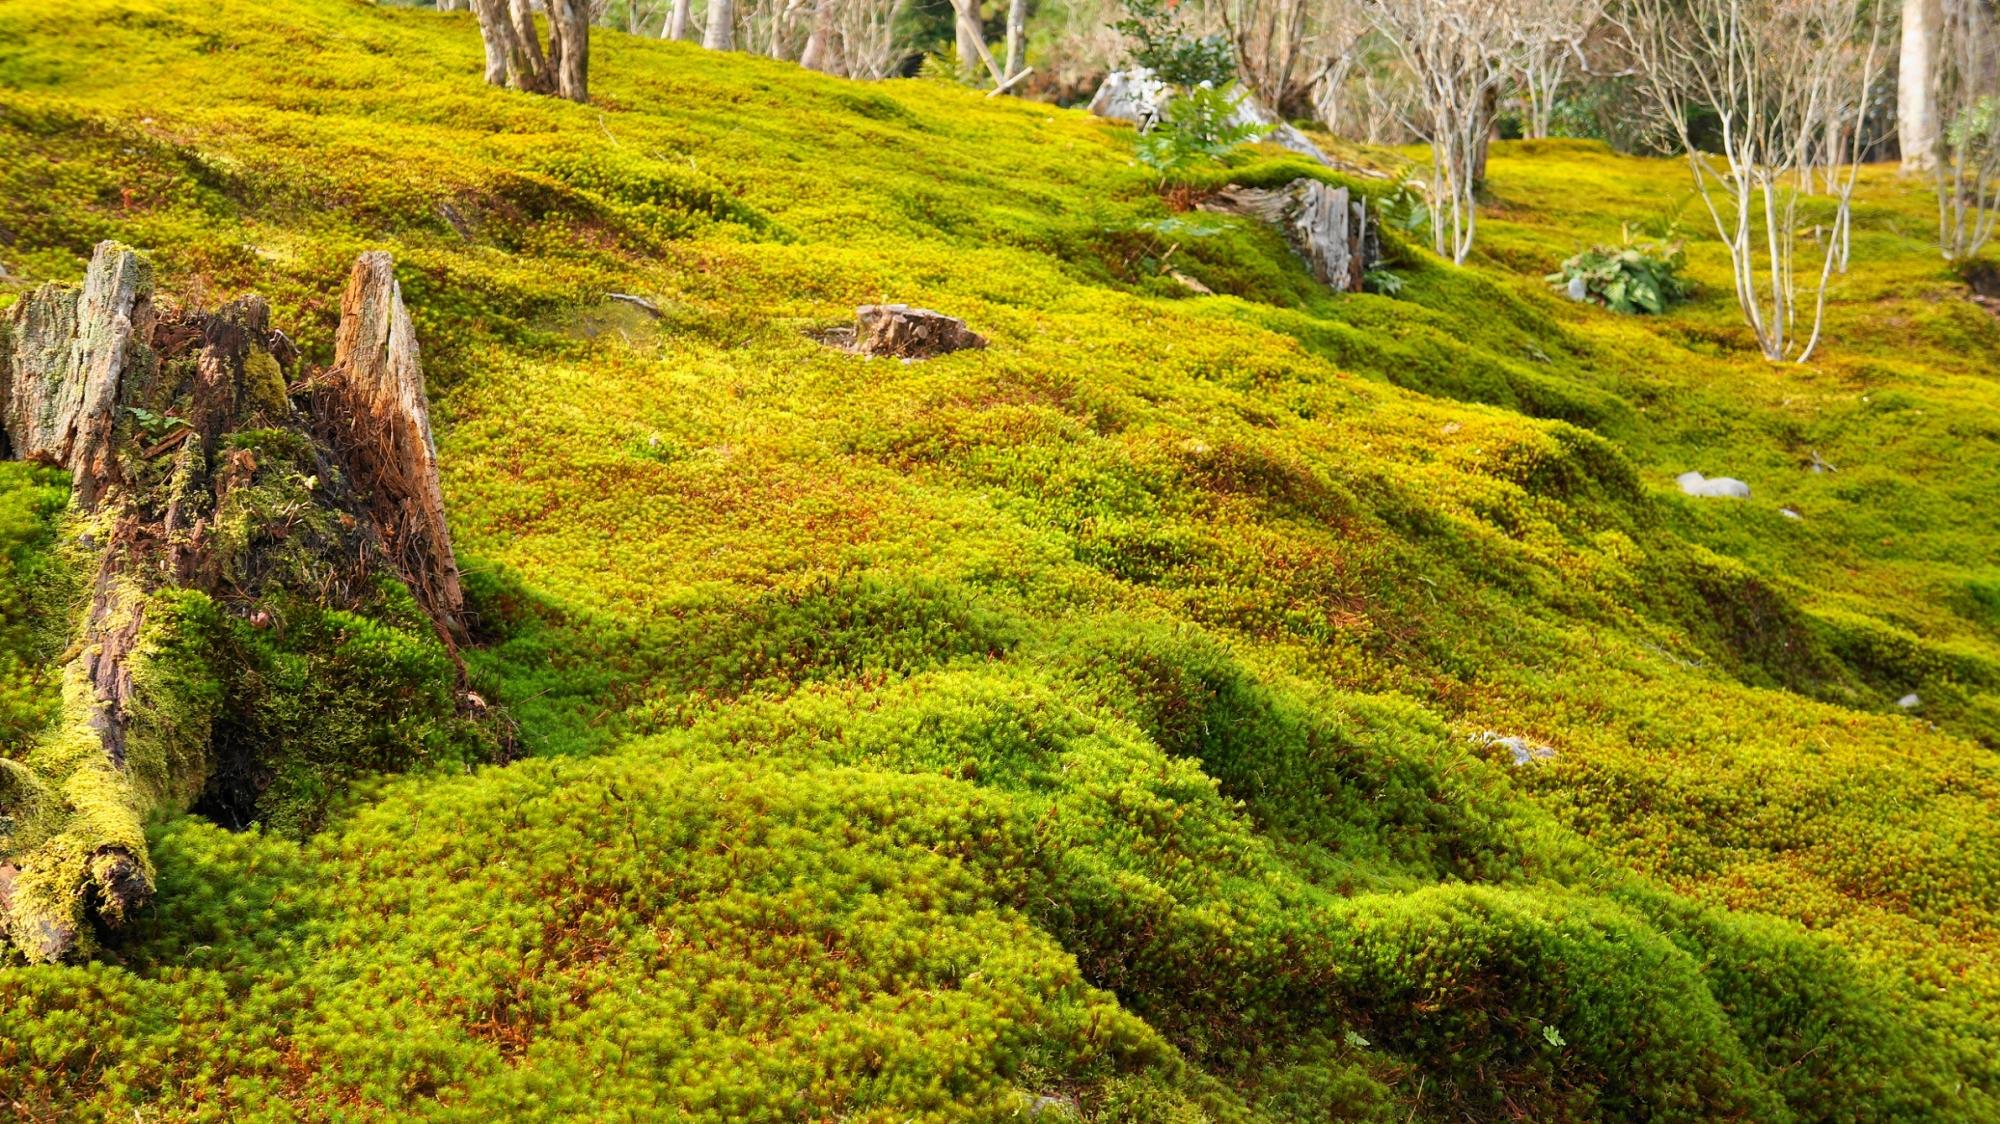 天龍寺の穏やかで滑らかな雰囲気の漂う苔